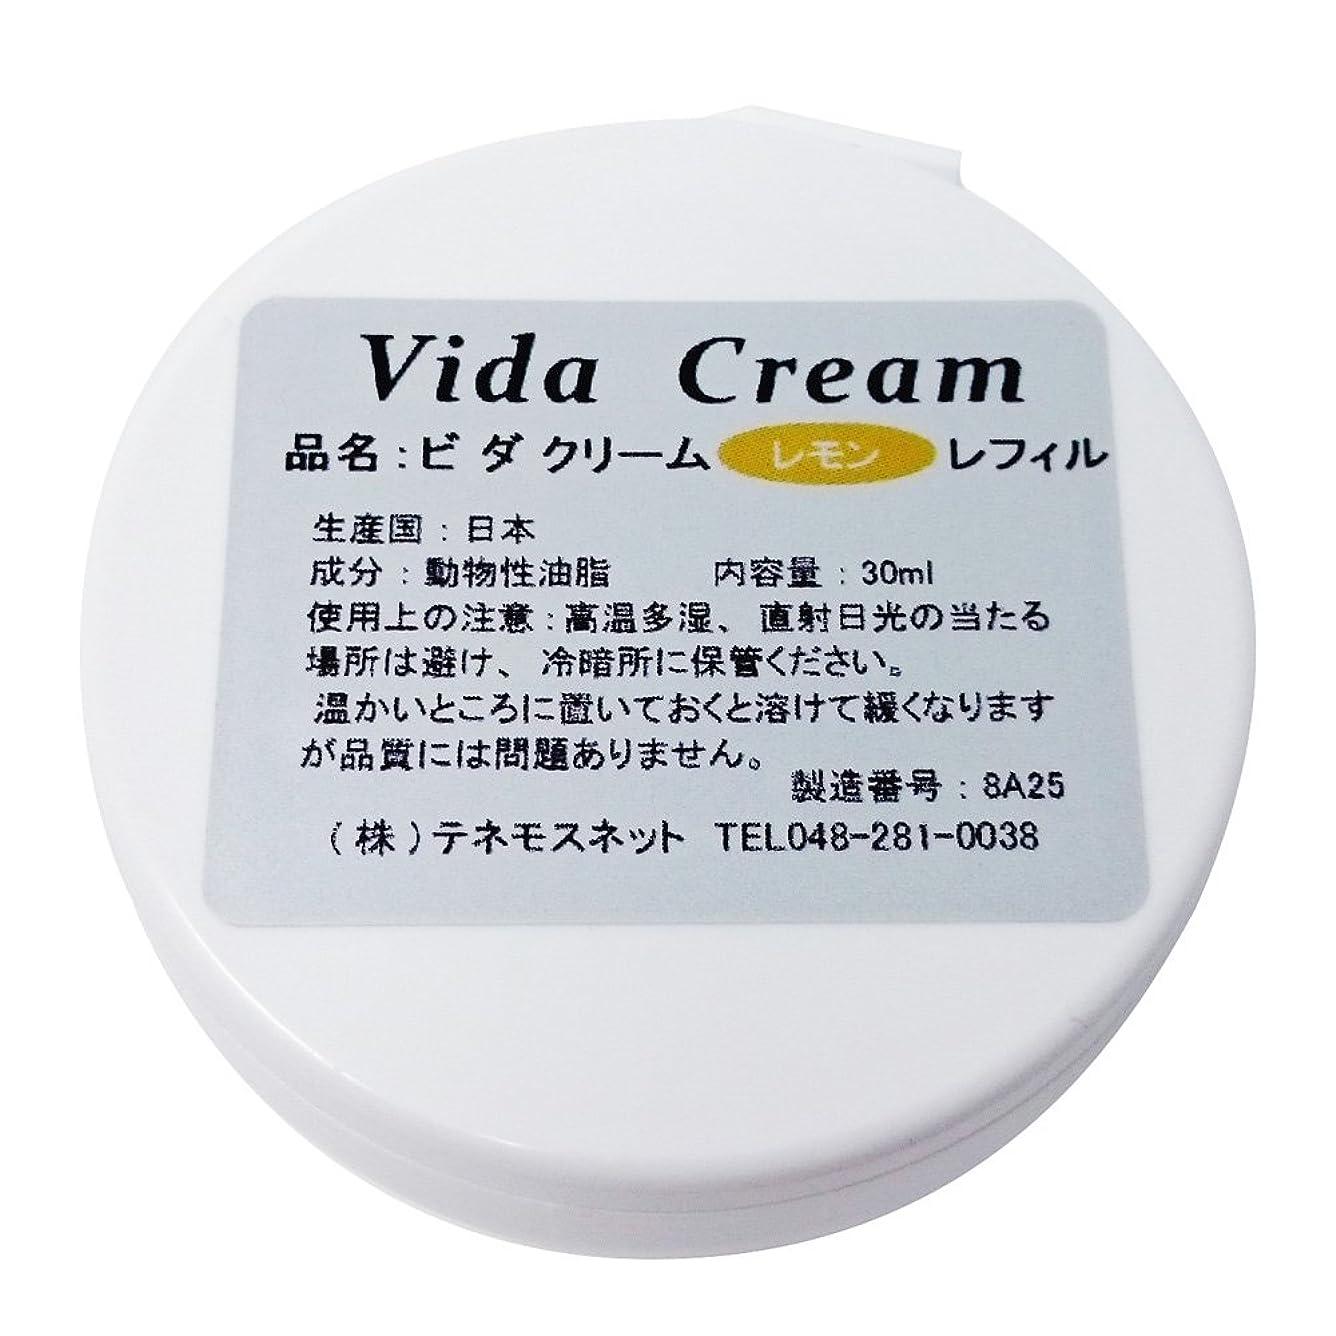 苦い極端なクアッガテネモス ビダクリーム Vida Cream ほのかレモン レフィル 付替用 30ml